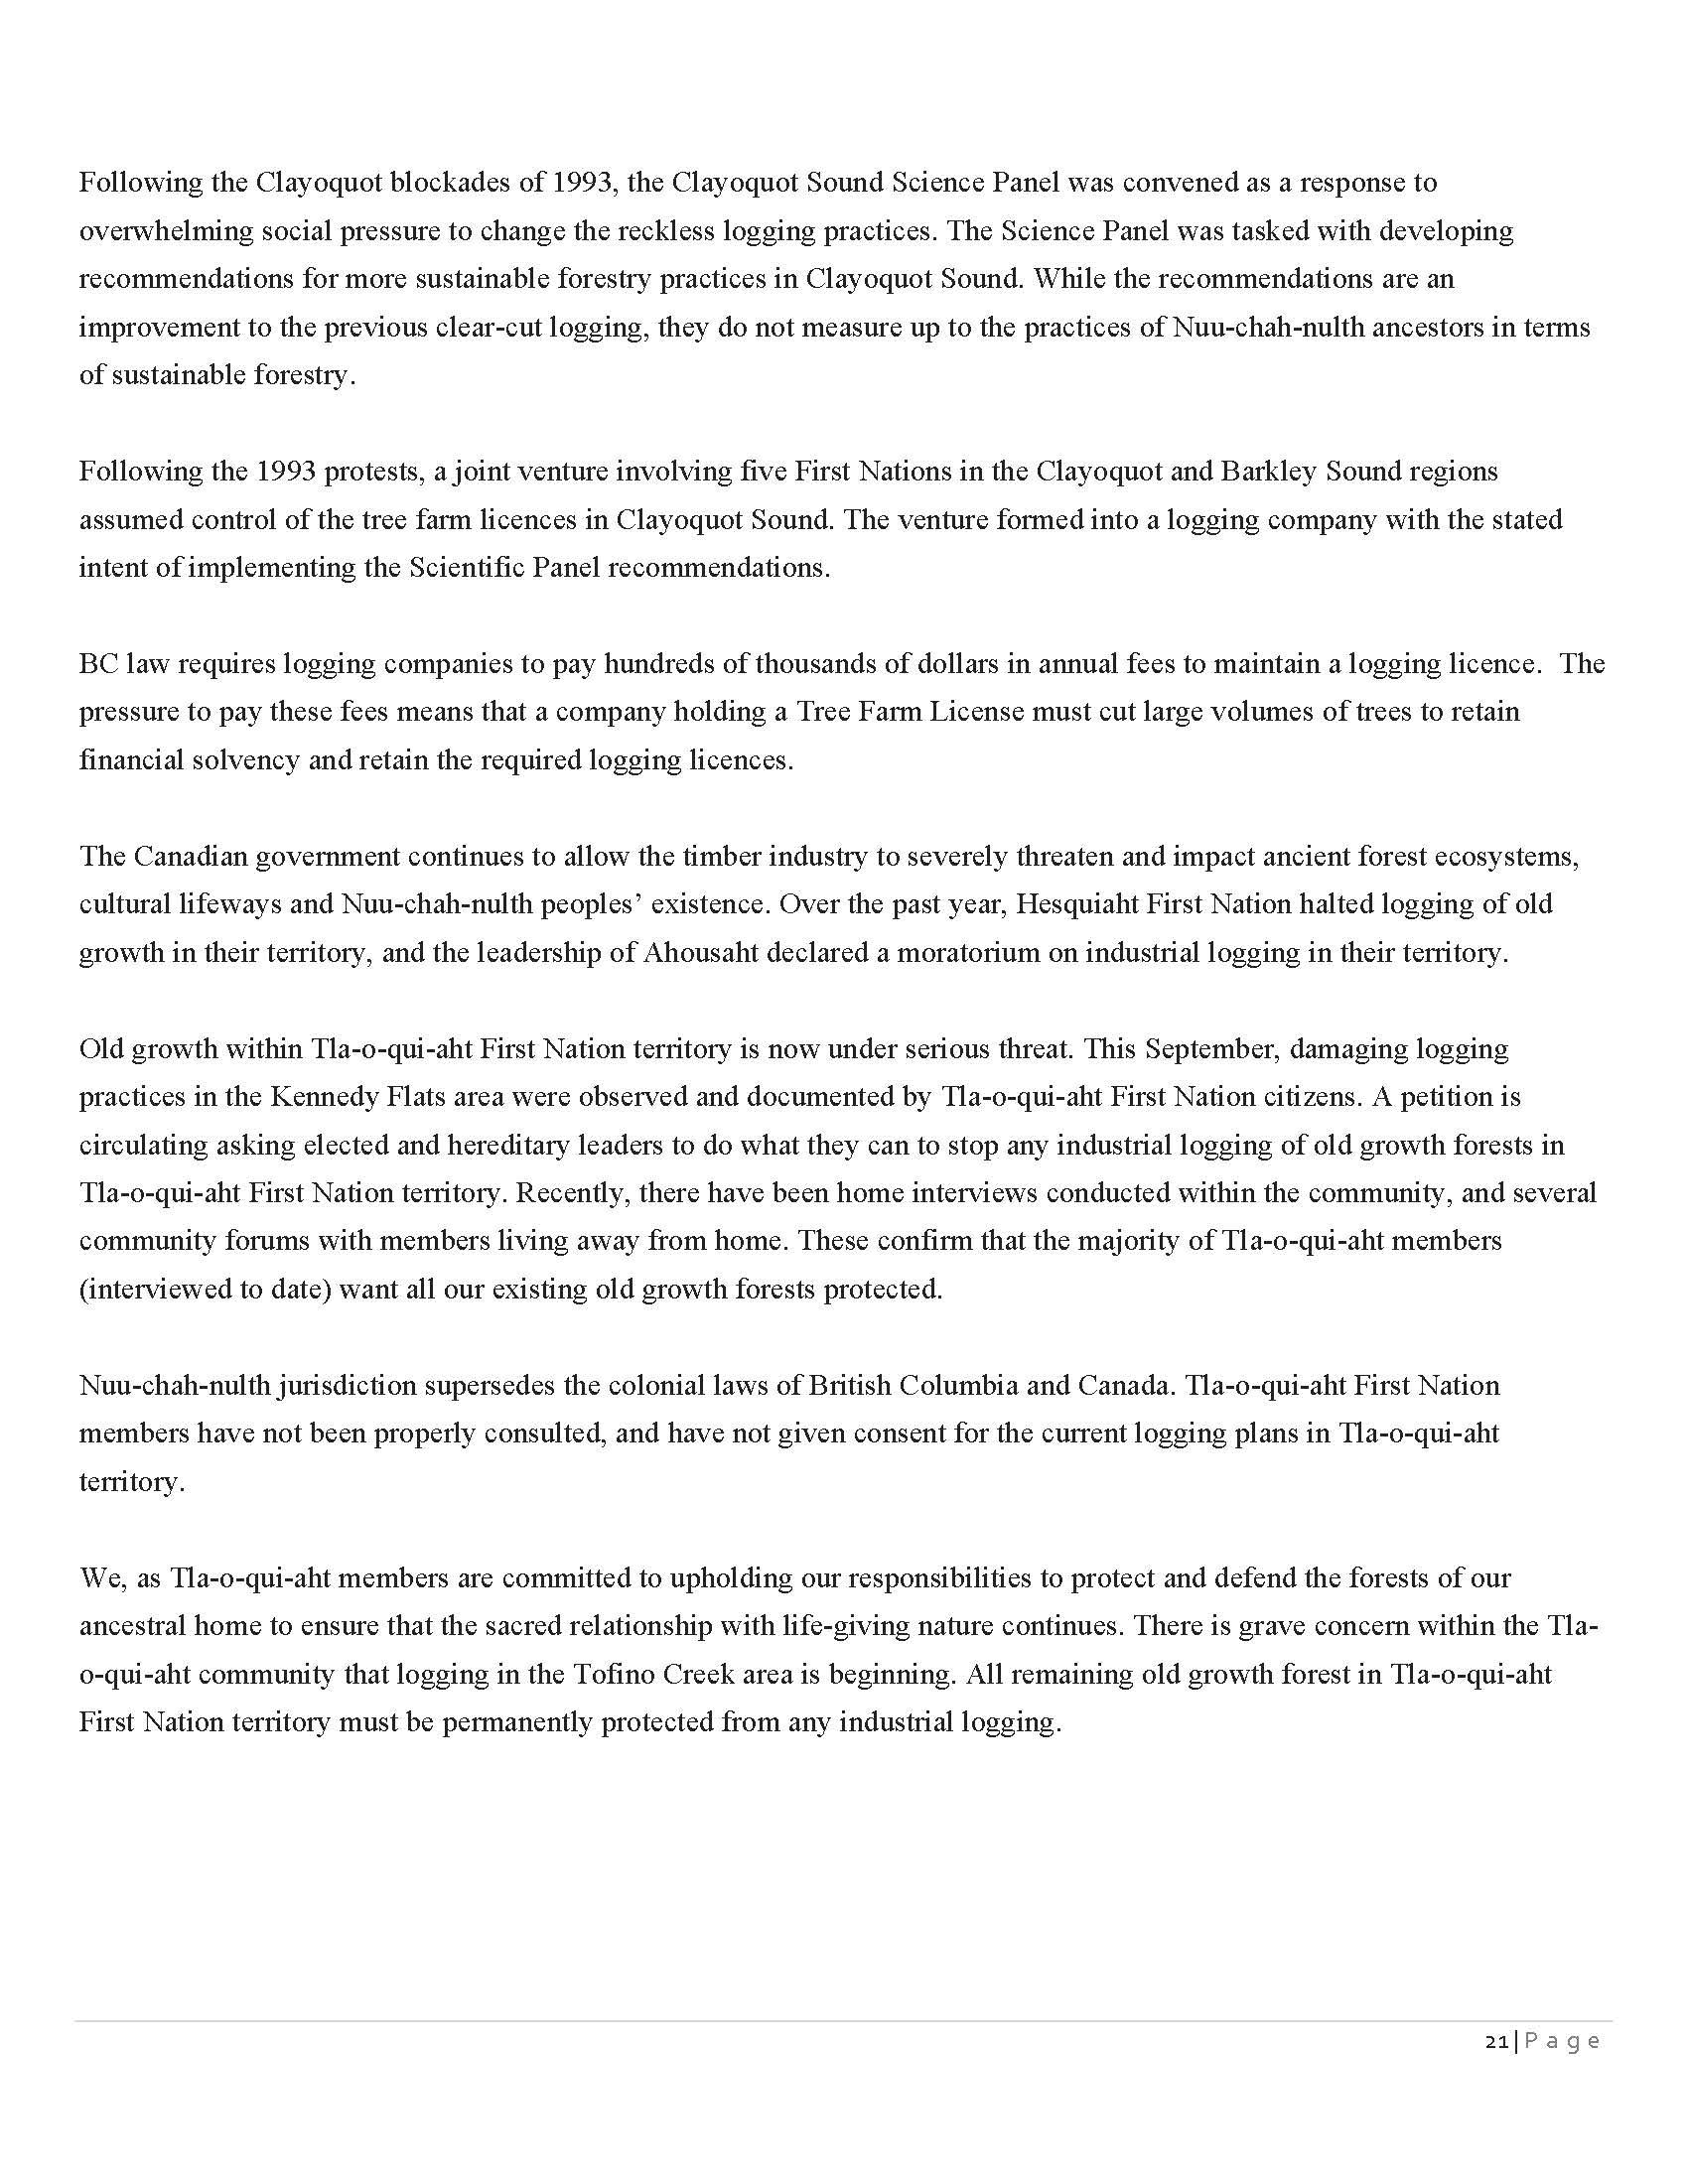 TFN Bulletin Dec 01 2016 (3)_Page_21.jpg